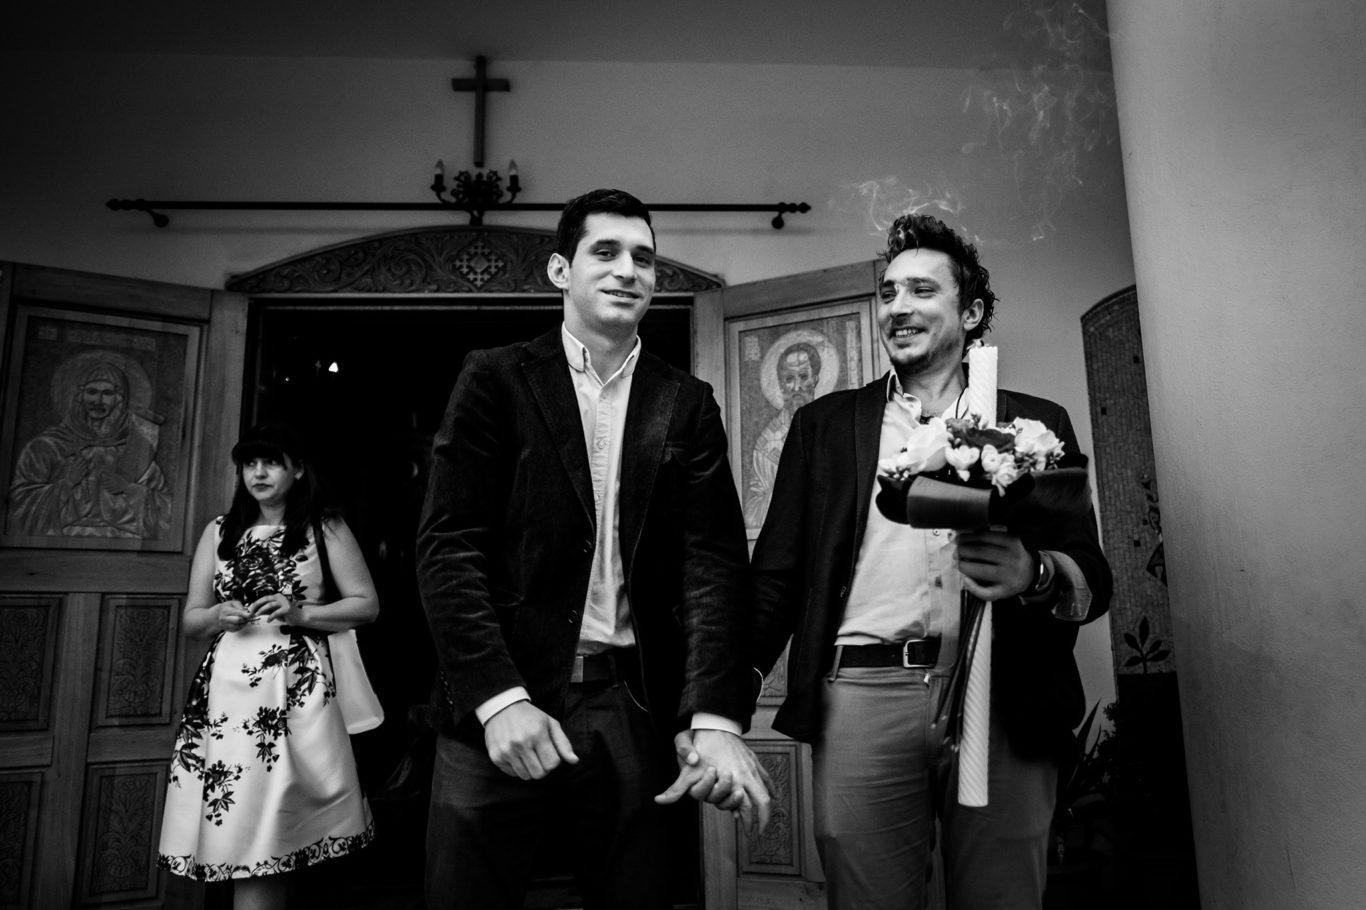 0204-Fotografie-nunta-Flory-Cristi-fotograf-Ciprian-Dumitrescu-DSCF8155